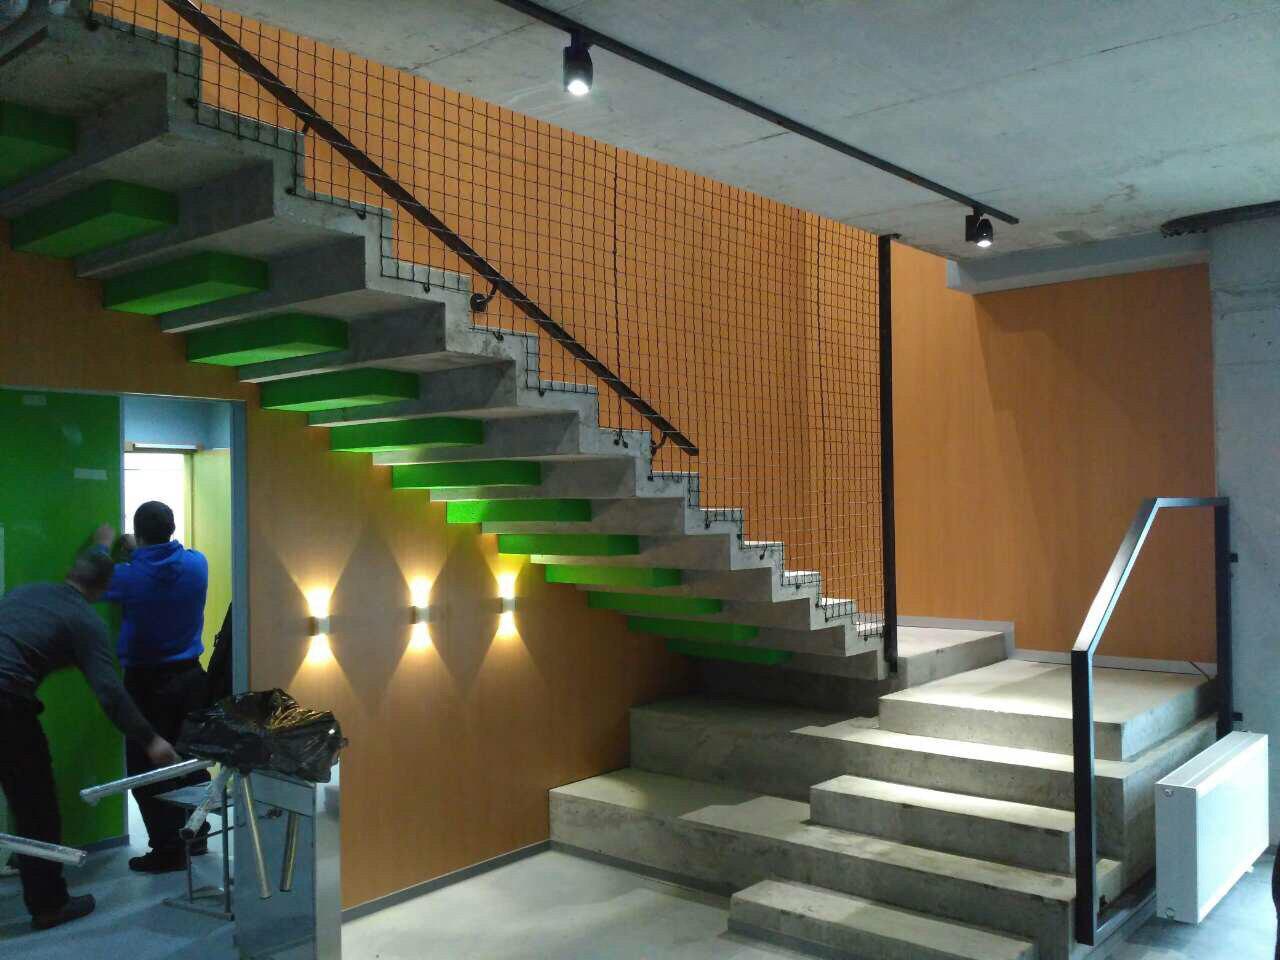 П-подібні сходи дзеркальної конструкції